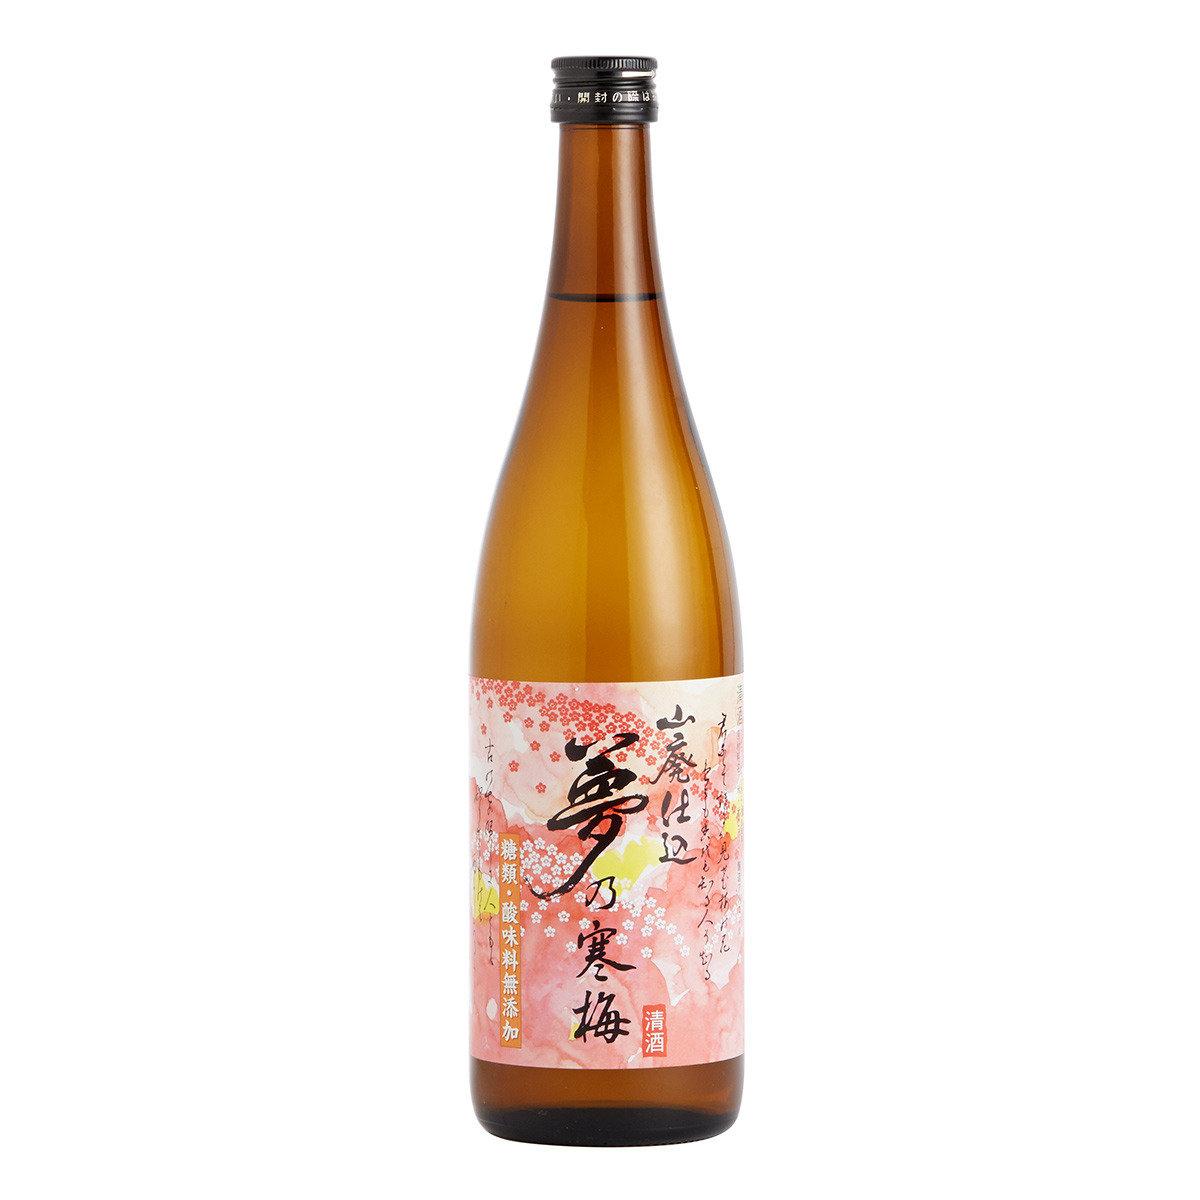 神鶴-普通清酒-夢乃寒梅 (日本直送)